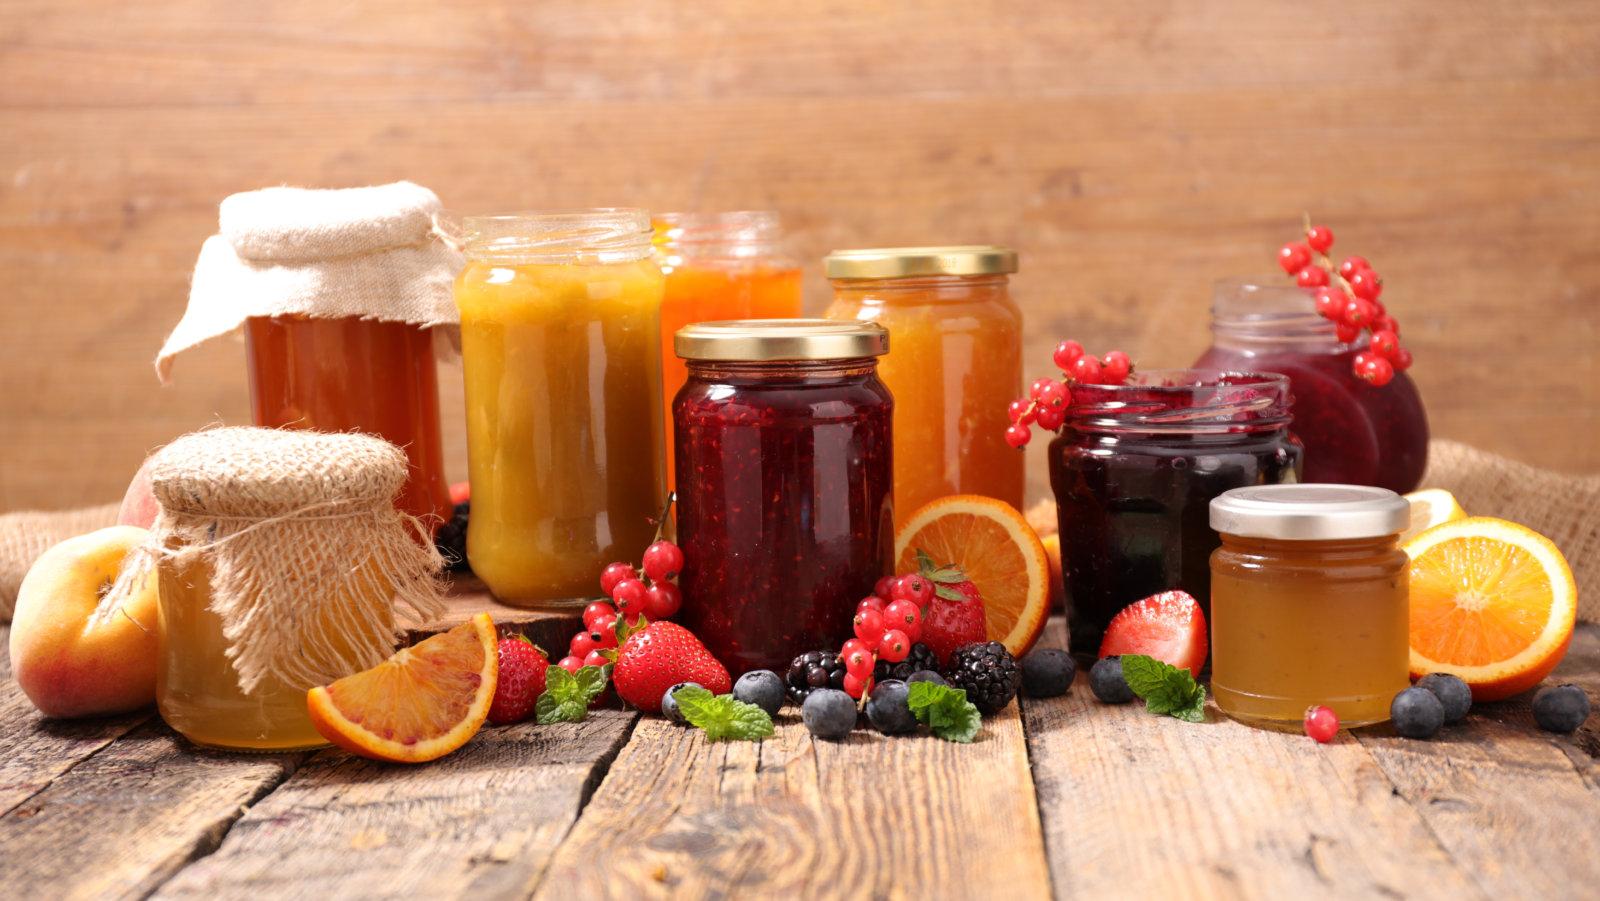 10 consejos de éxito para productores artesanales de mermeladas - Goula